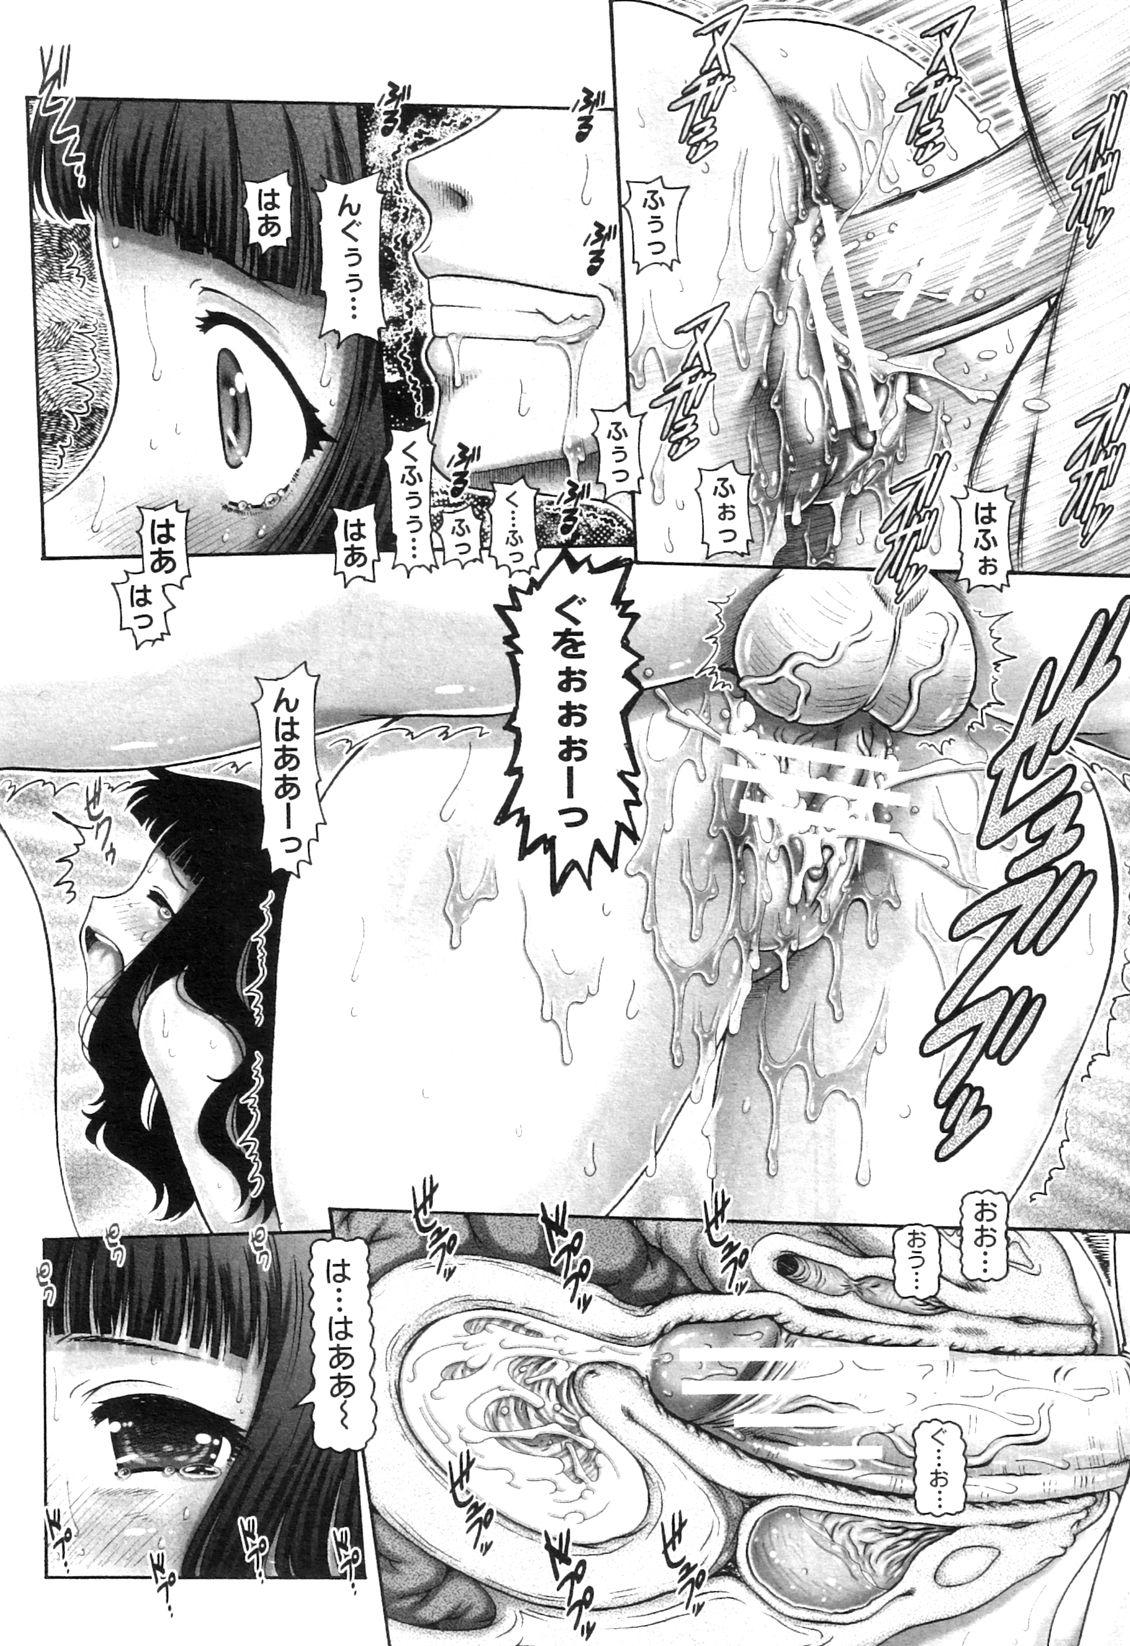 Ayakashiyakata no Tamahime 2